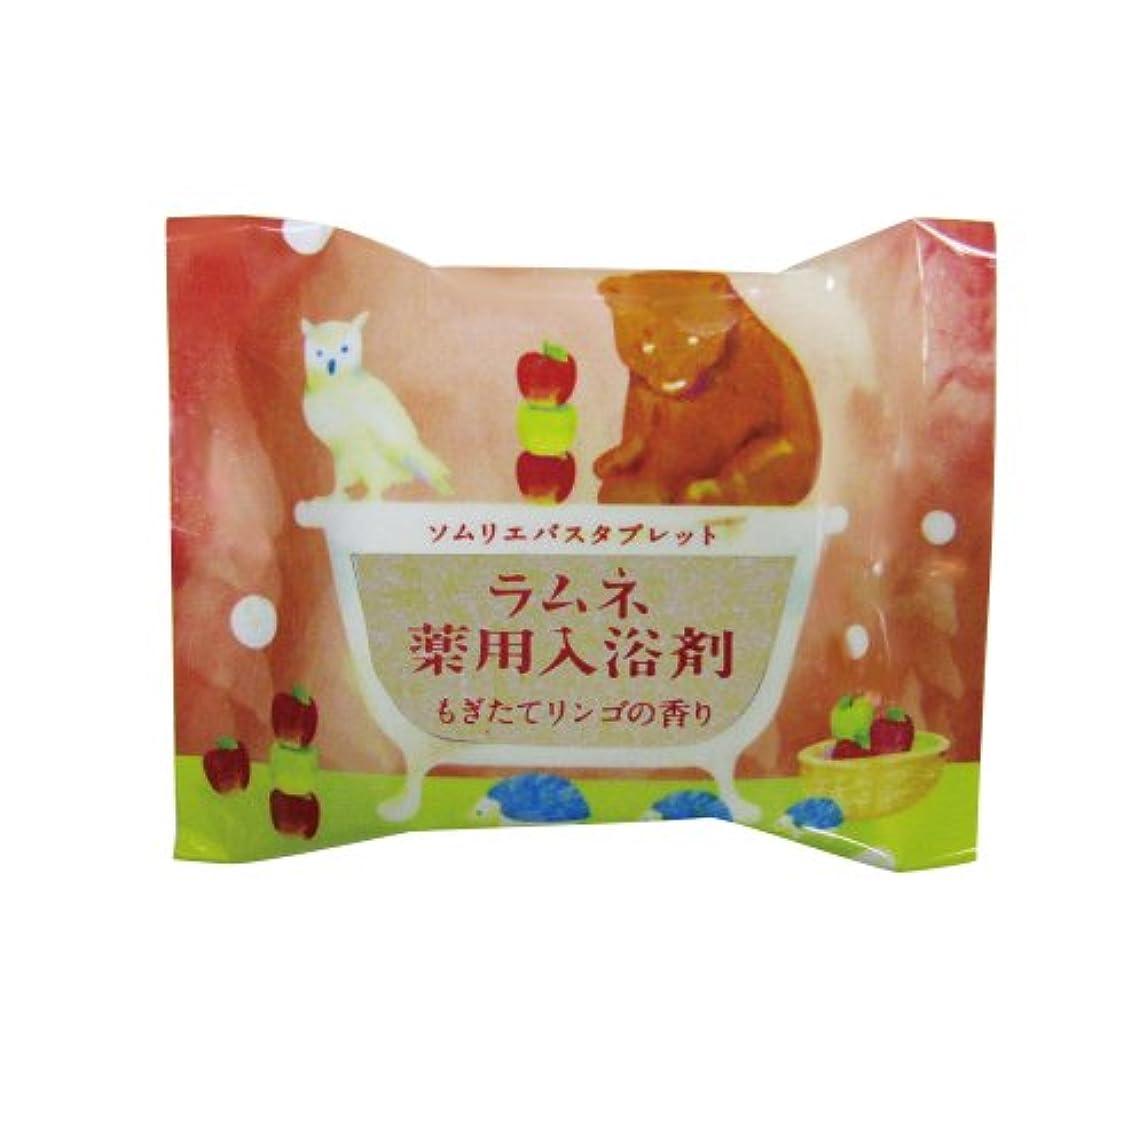 うるさい求める普通にソムリエバスタブレット ラムネ薬用入浴剤 もぎたてリンゴの香り 12個セット